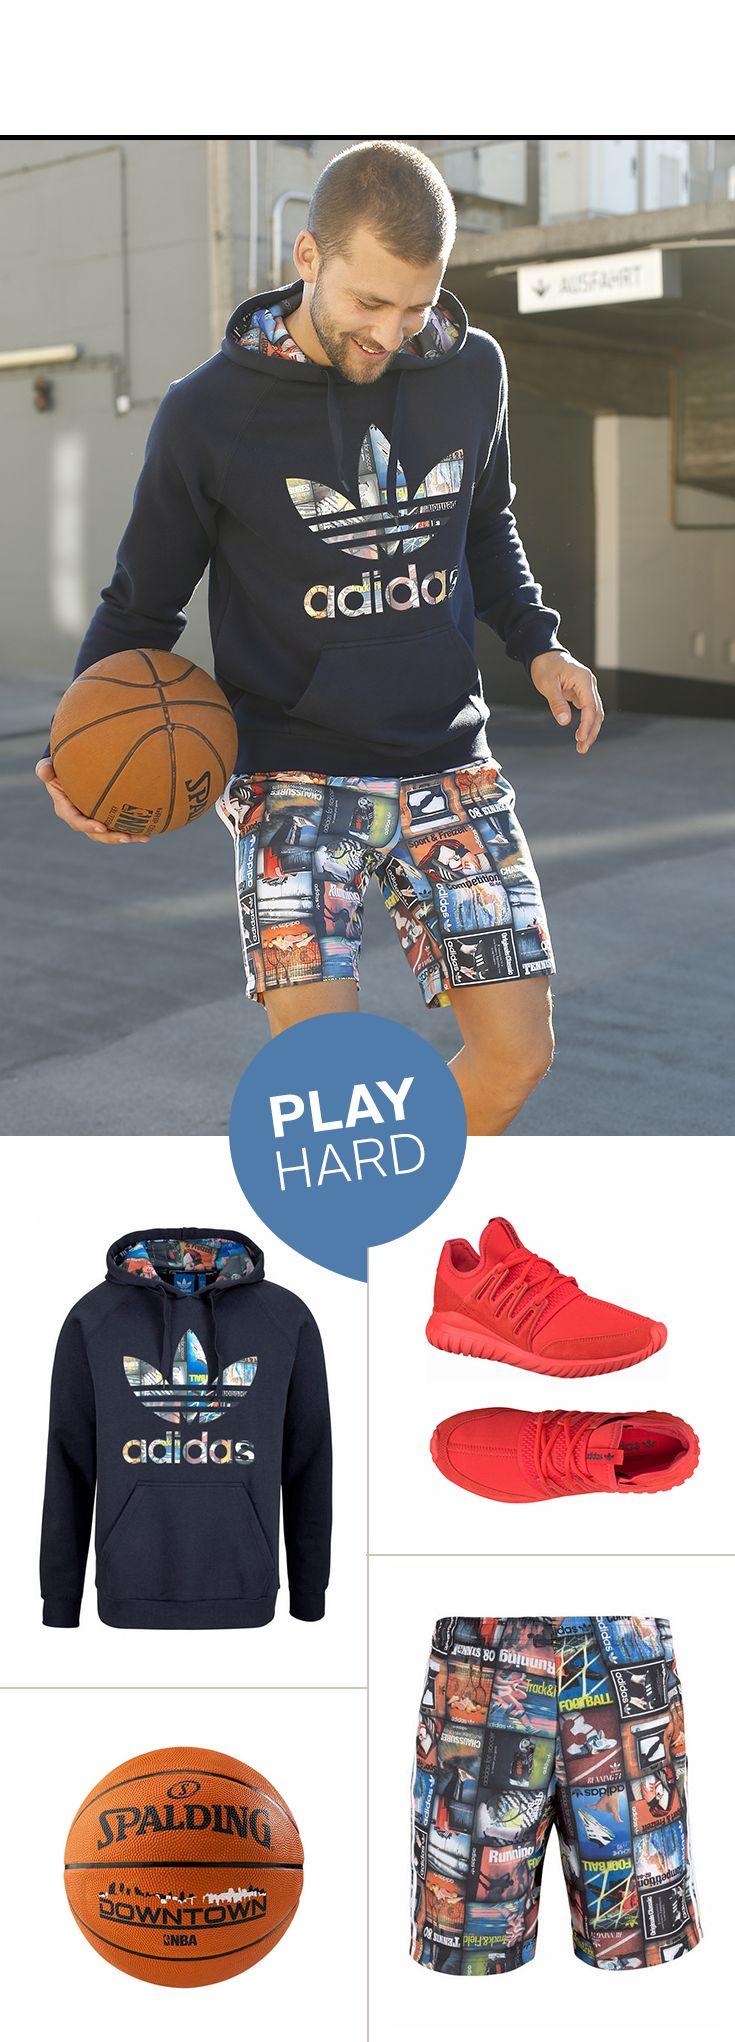 Der perfekte Look für deinen Weg zur Gym: Zip-Hoodie und Sweathose von Converse sind ultrabequem und ganz einfach über deinem Sportoutfit zu tragen – und für kältere Tage ziehst du einfach eine Weste drüber.